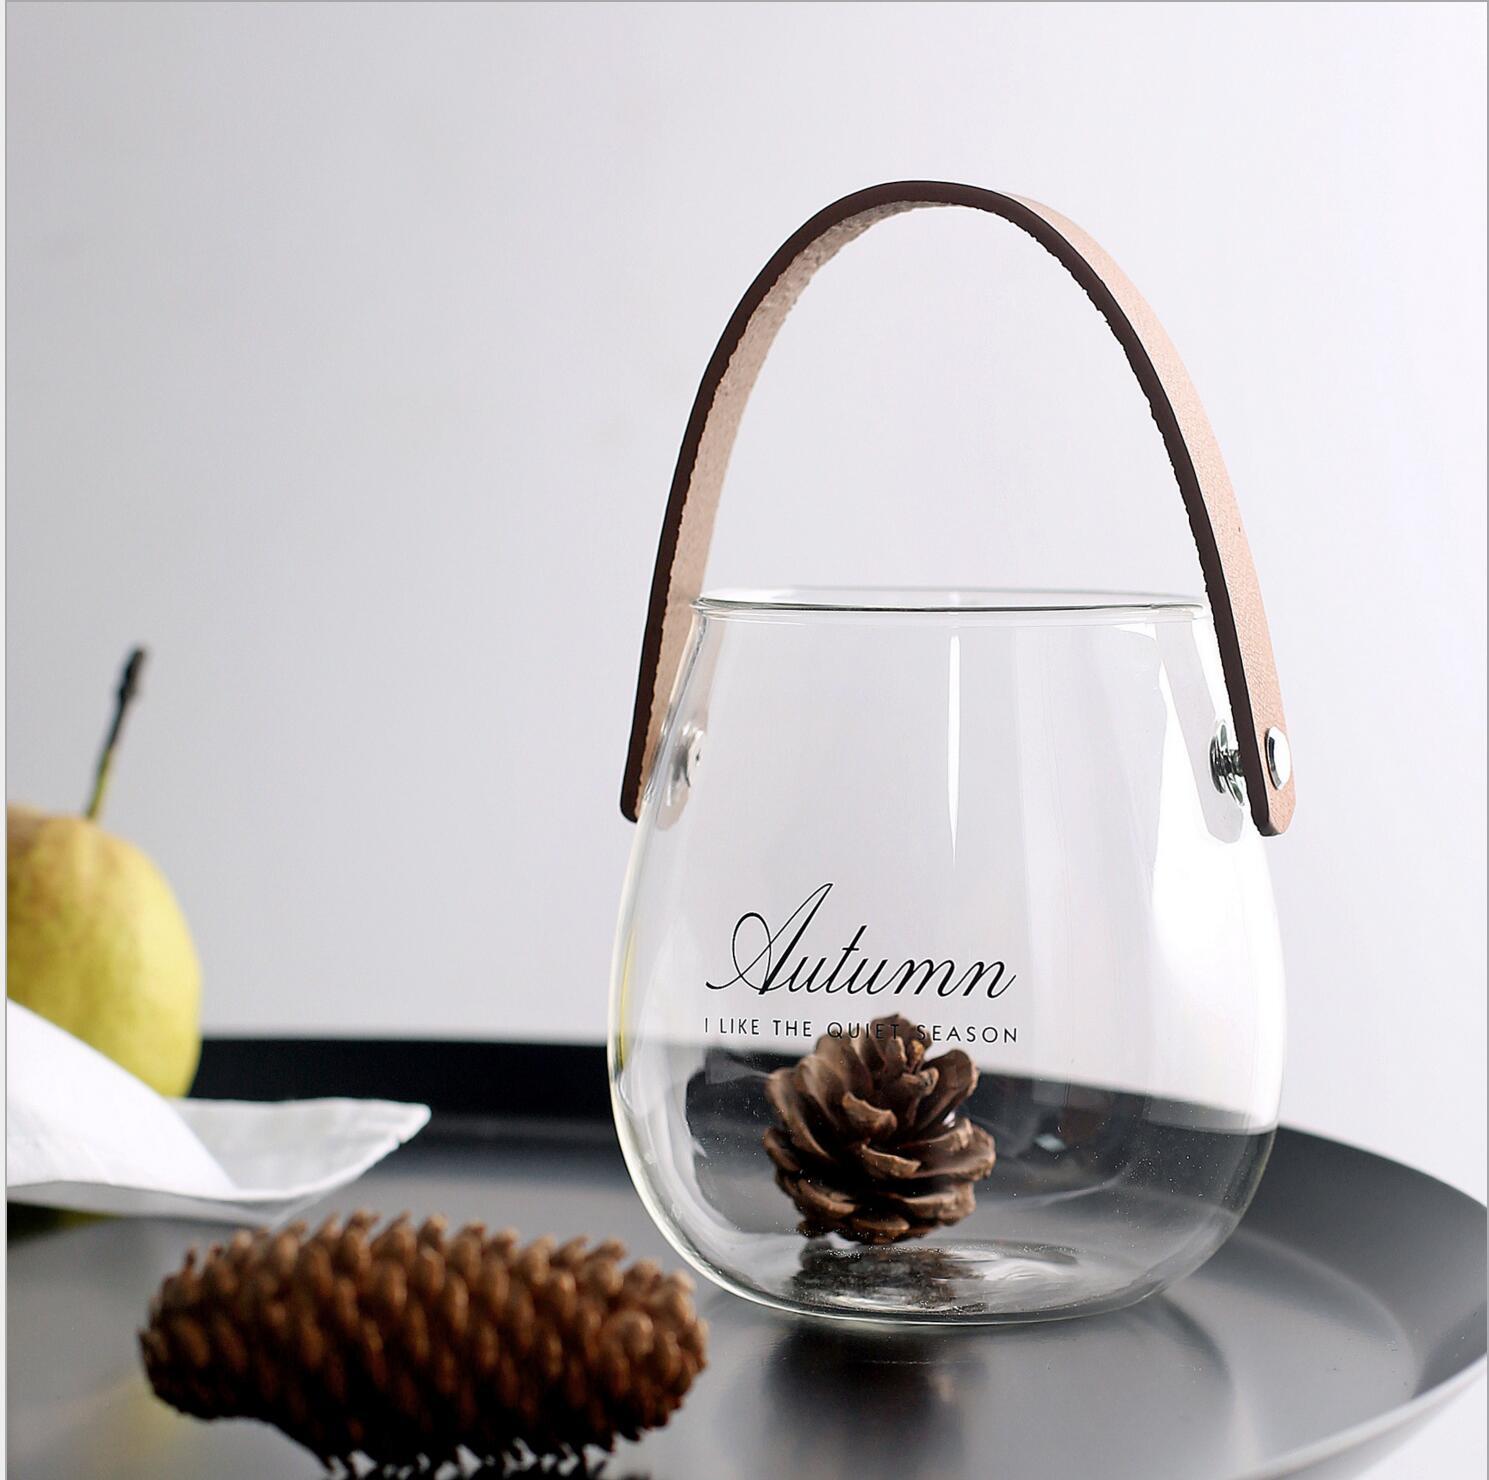 包邮 ins北欧居家玻璃提手水培花瓶插花干花水果收纳小瓶字母罐